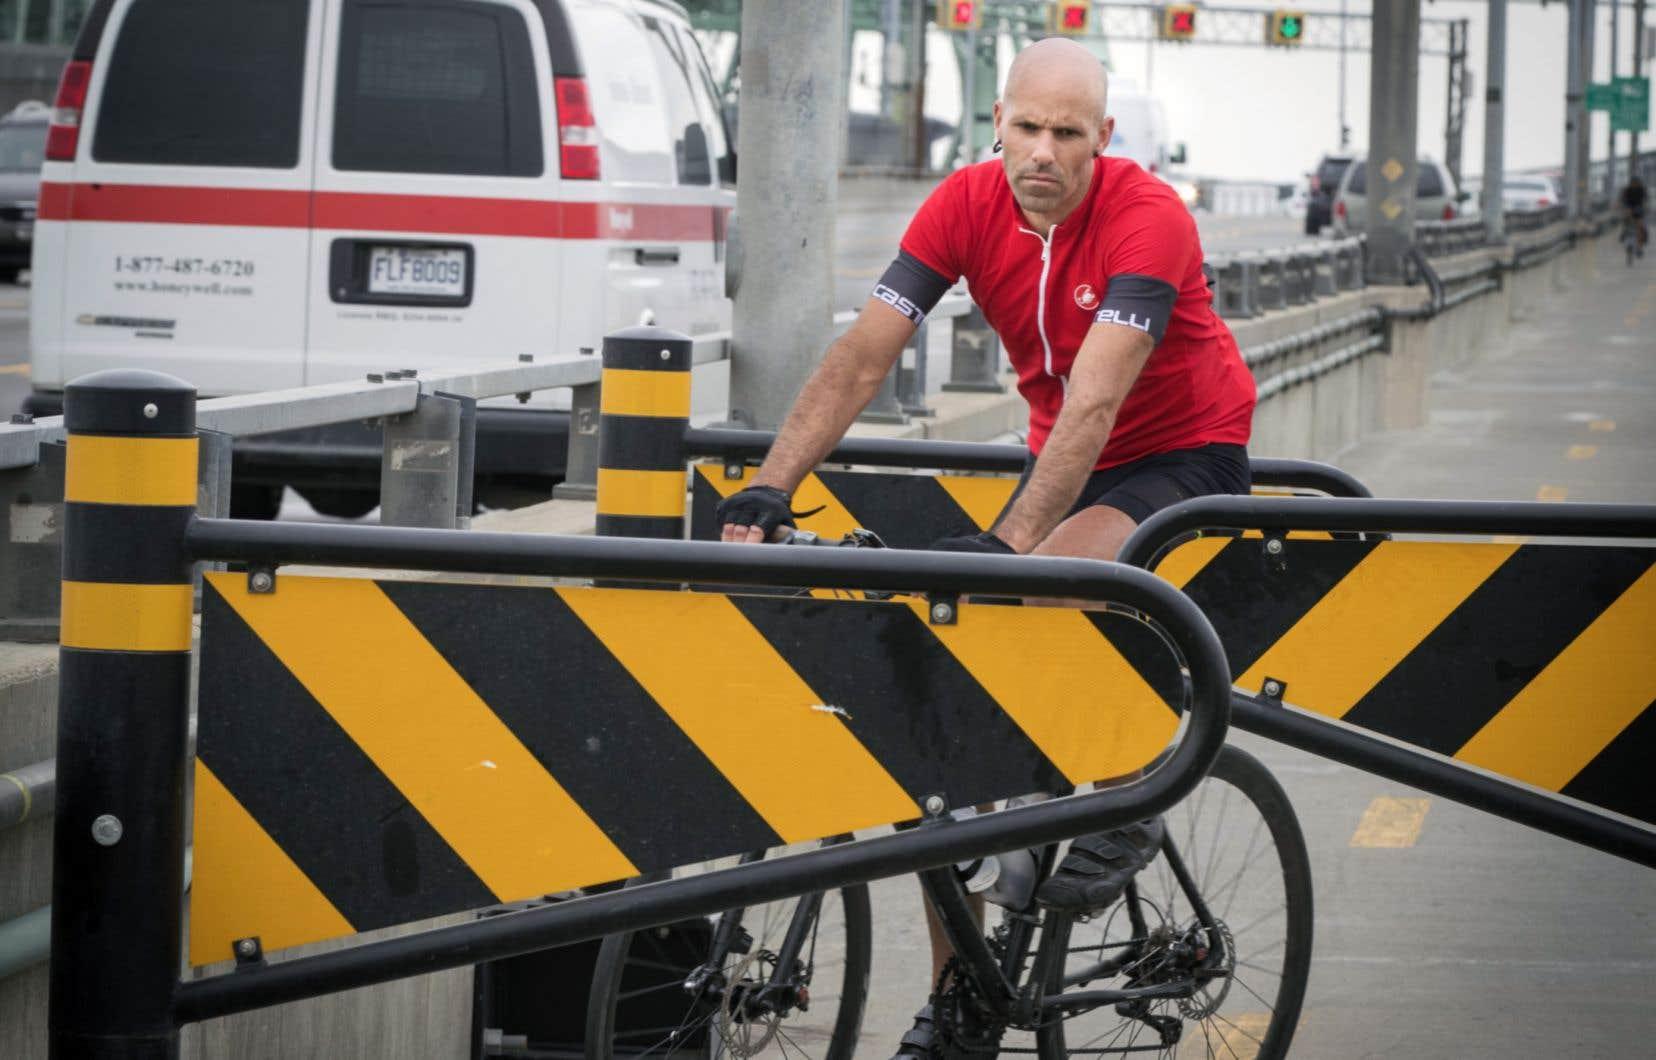 <p>Ce printemps, à la suite d'une étude commandée à une firme privée, la Société des ponts a remplacé ses habituels blocs de béton par des plaques de métal placées à la hauteur des guidons des vélos.</p>